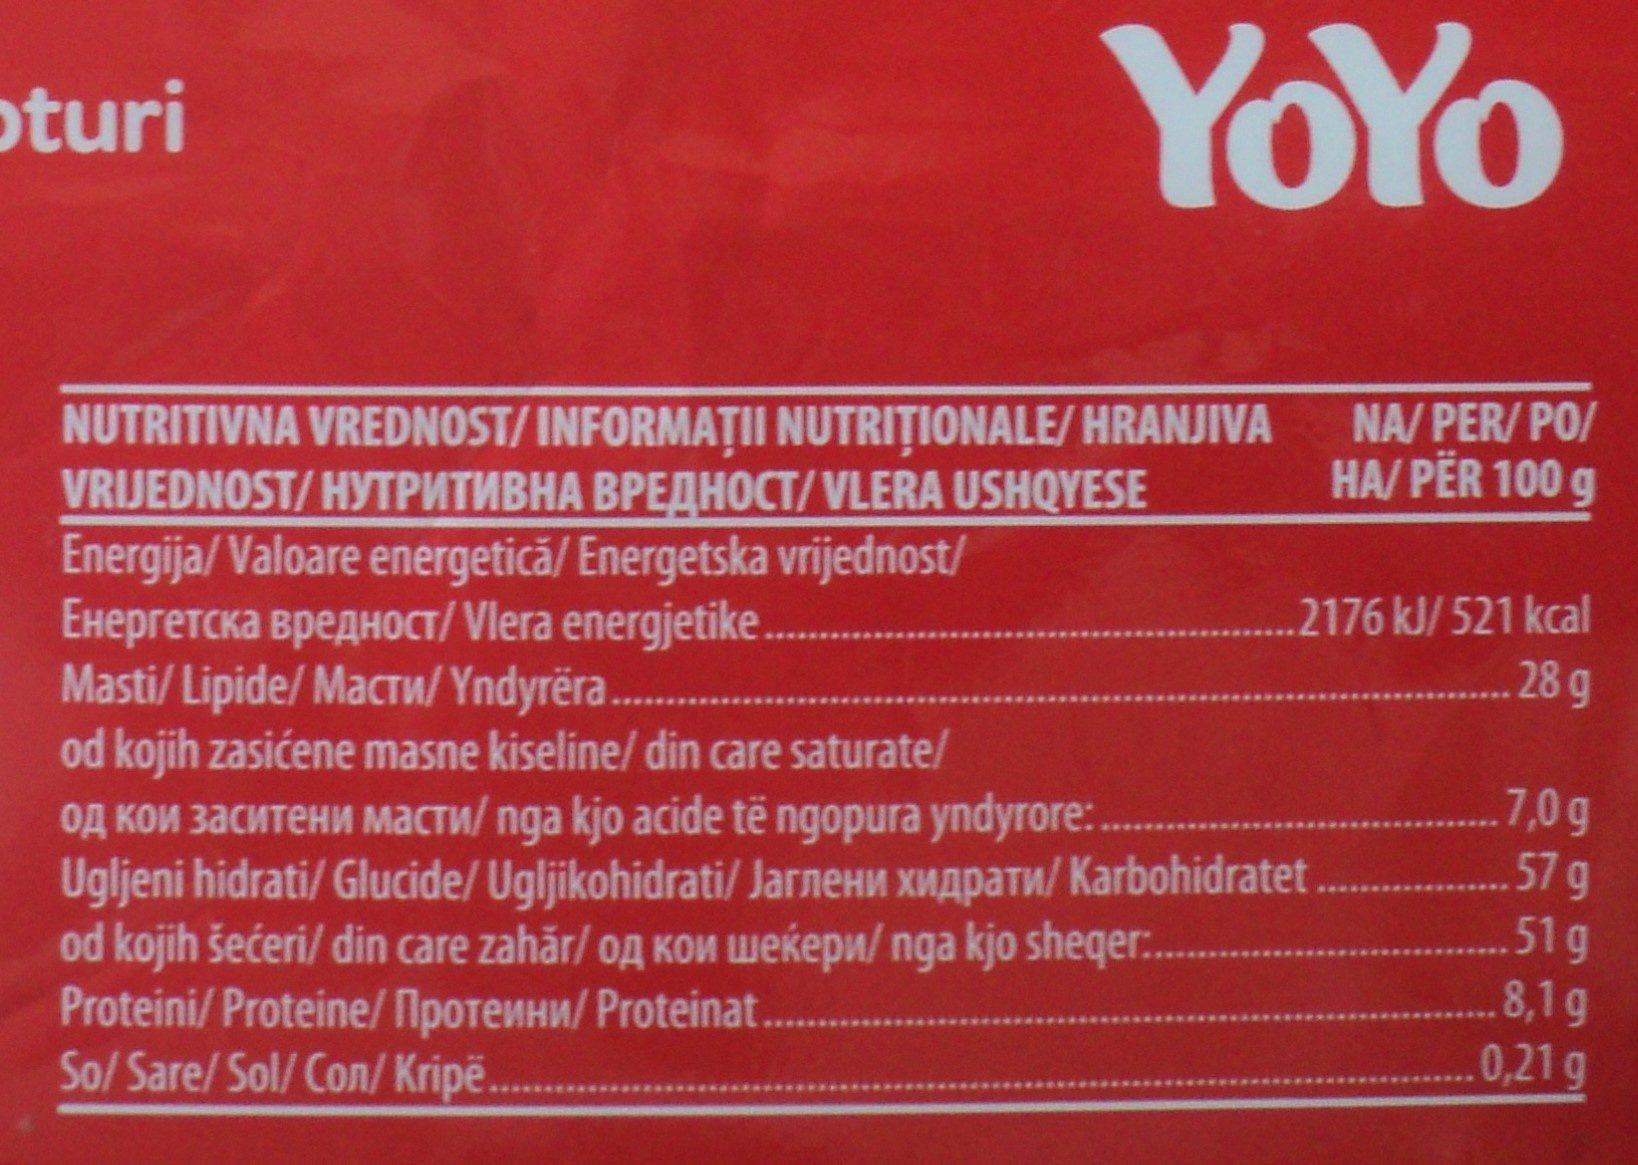 Yoyo Crema de cacao cu orez expandat - Informations nutritionnelles